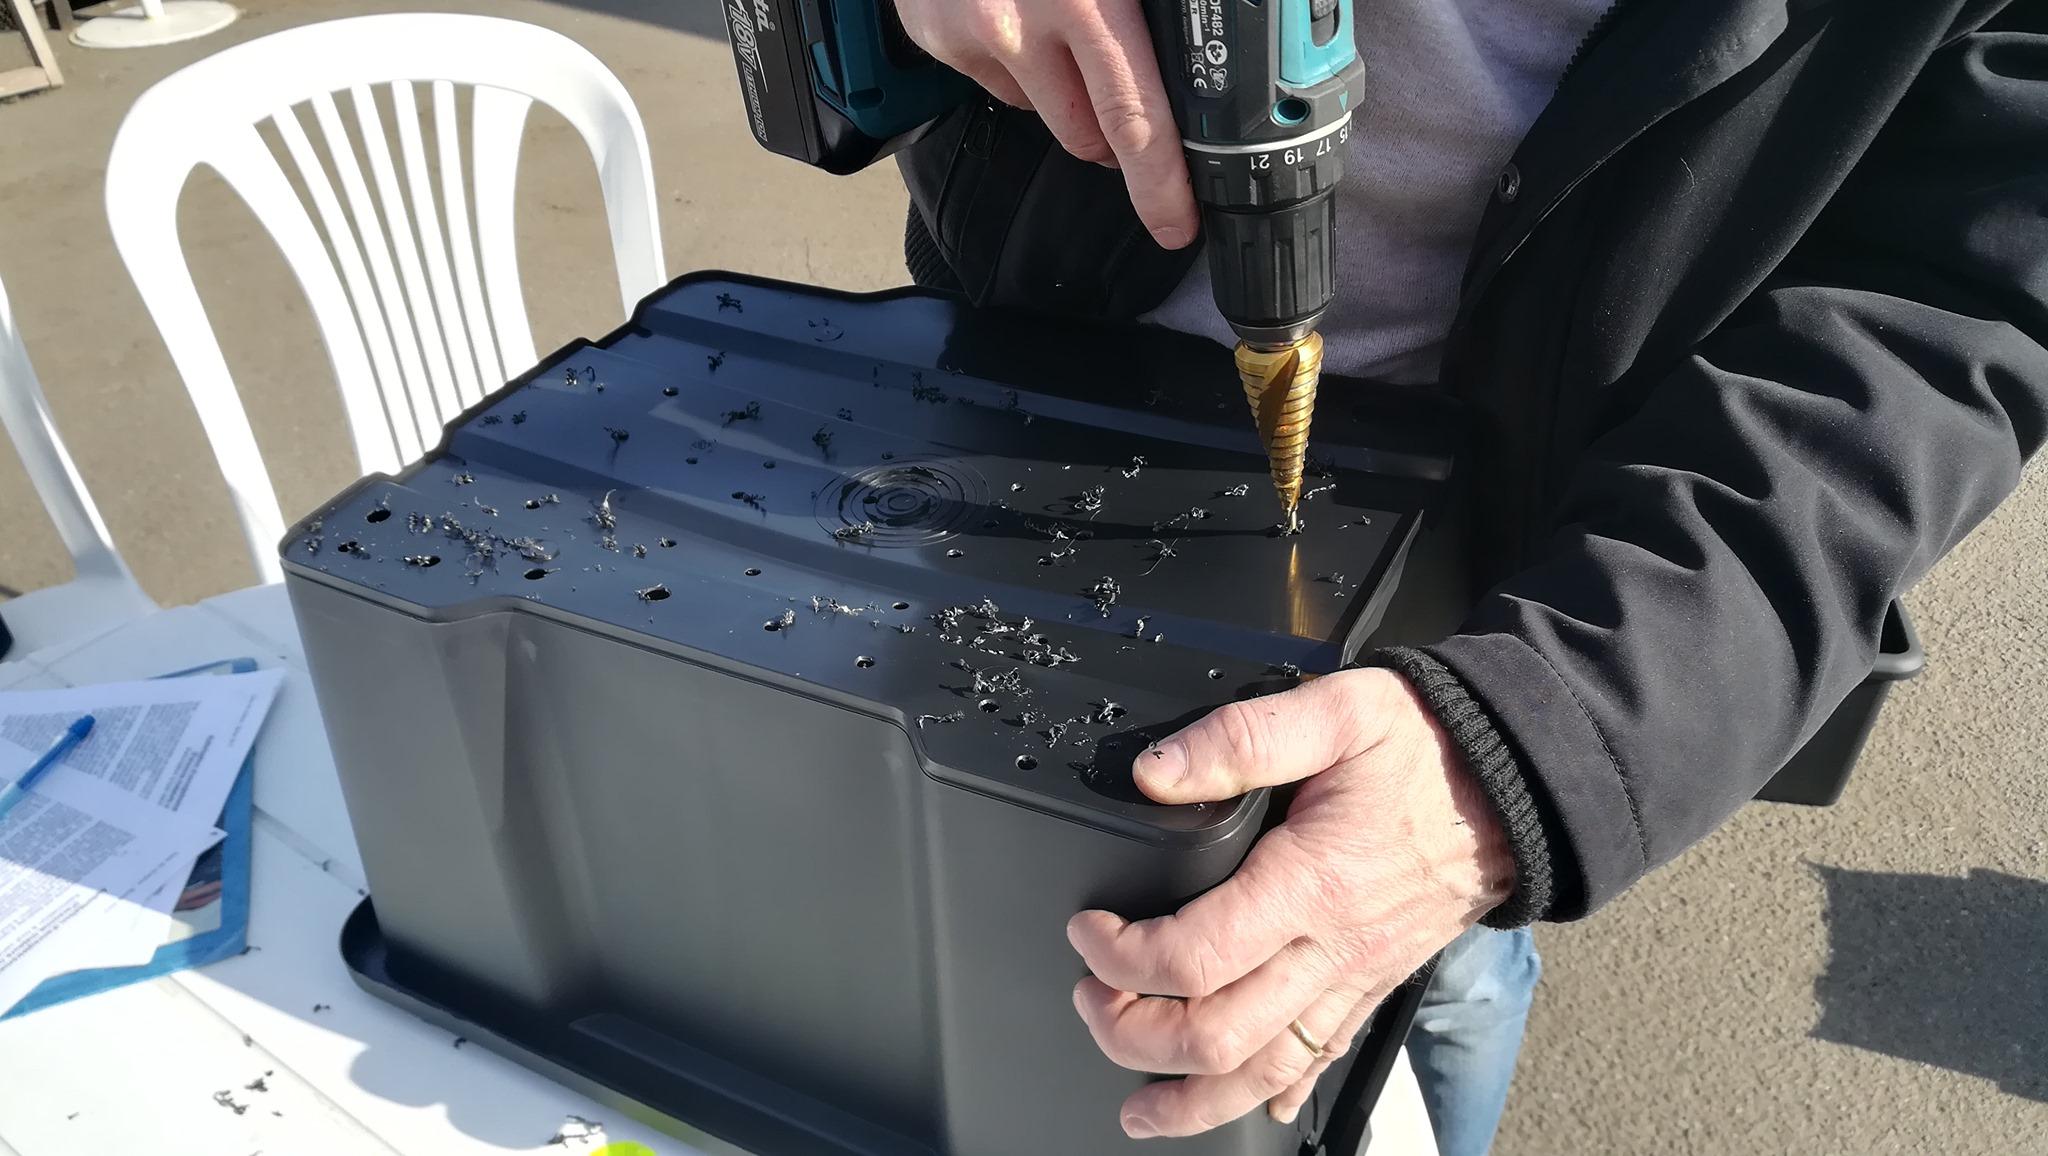 Atelier Compost et montage d'un lombricomposteur @ A tout venant-Ressourcerie gaillarde